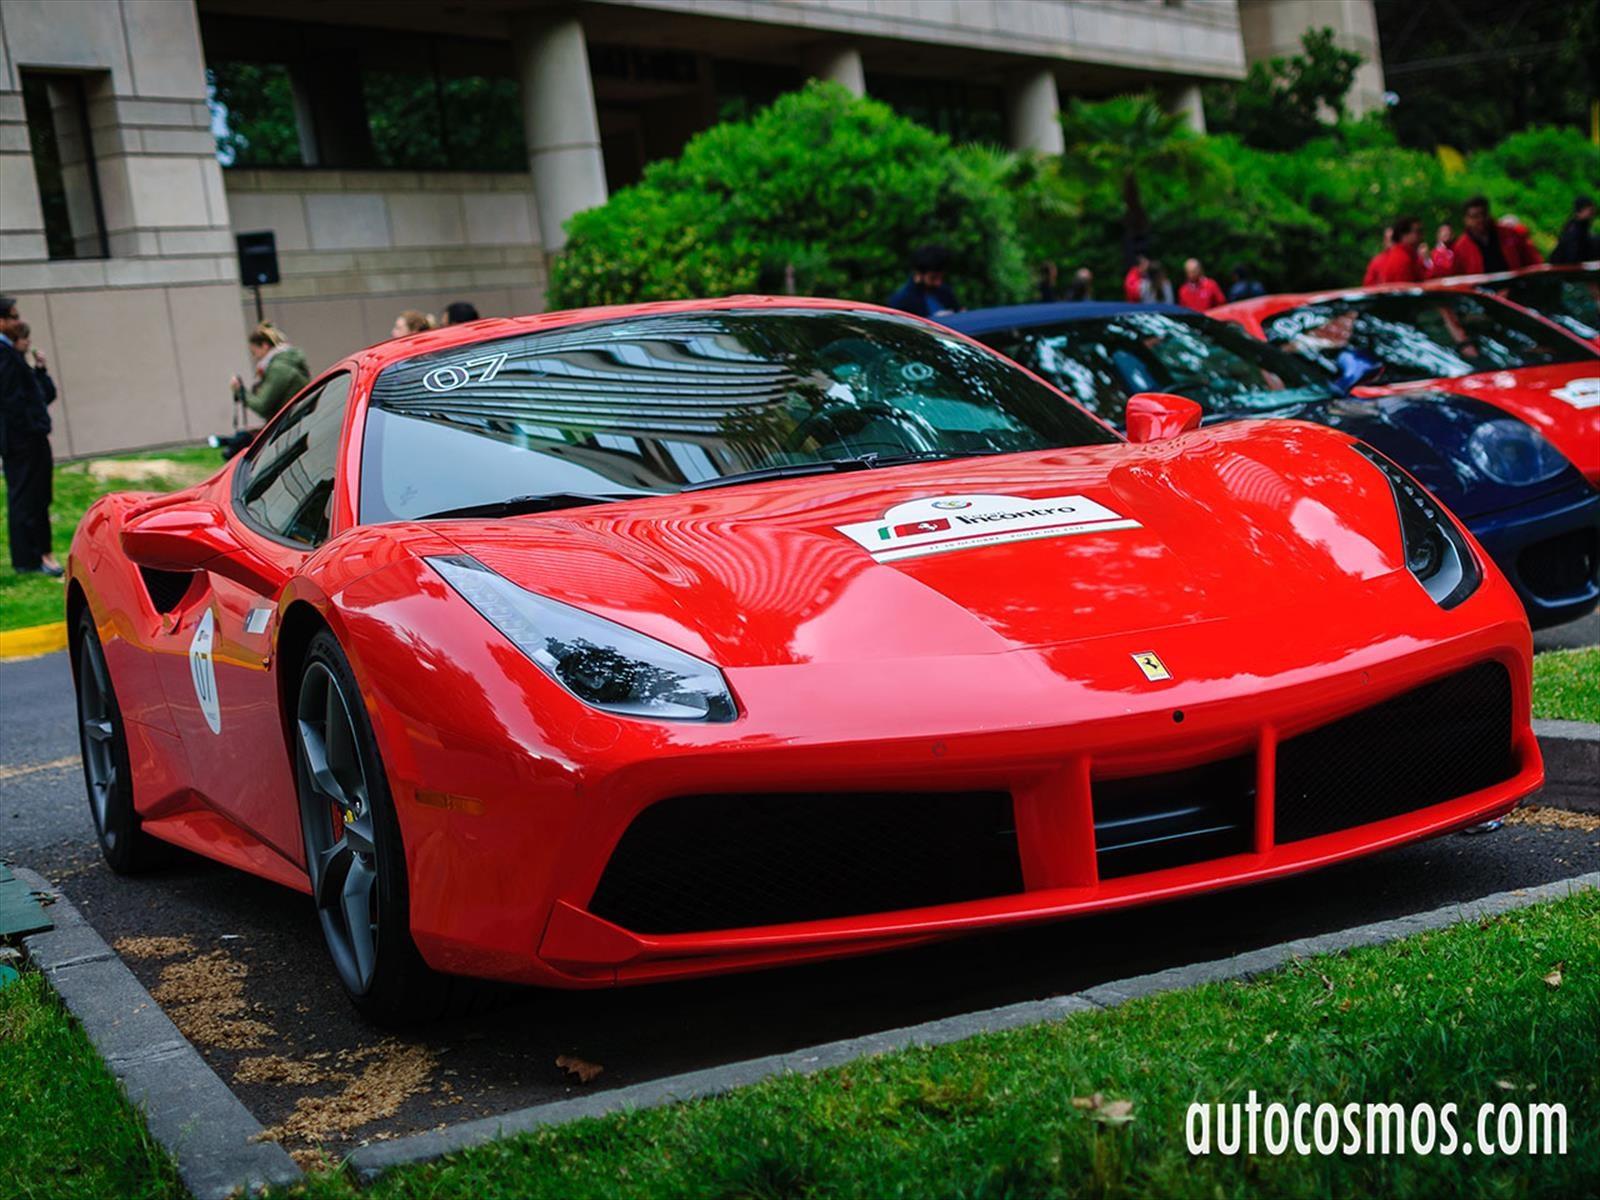 Primer Incontro Sudamérica Ferrari reunirá a usuarios de toda la región en Punta del Este